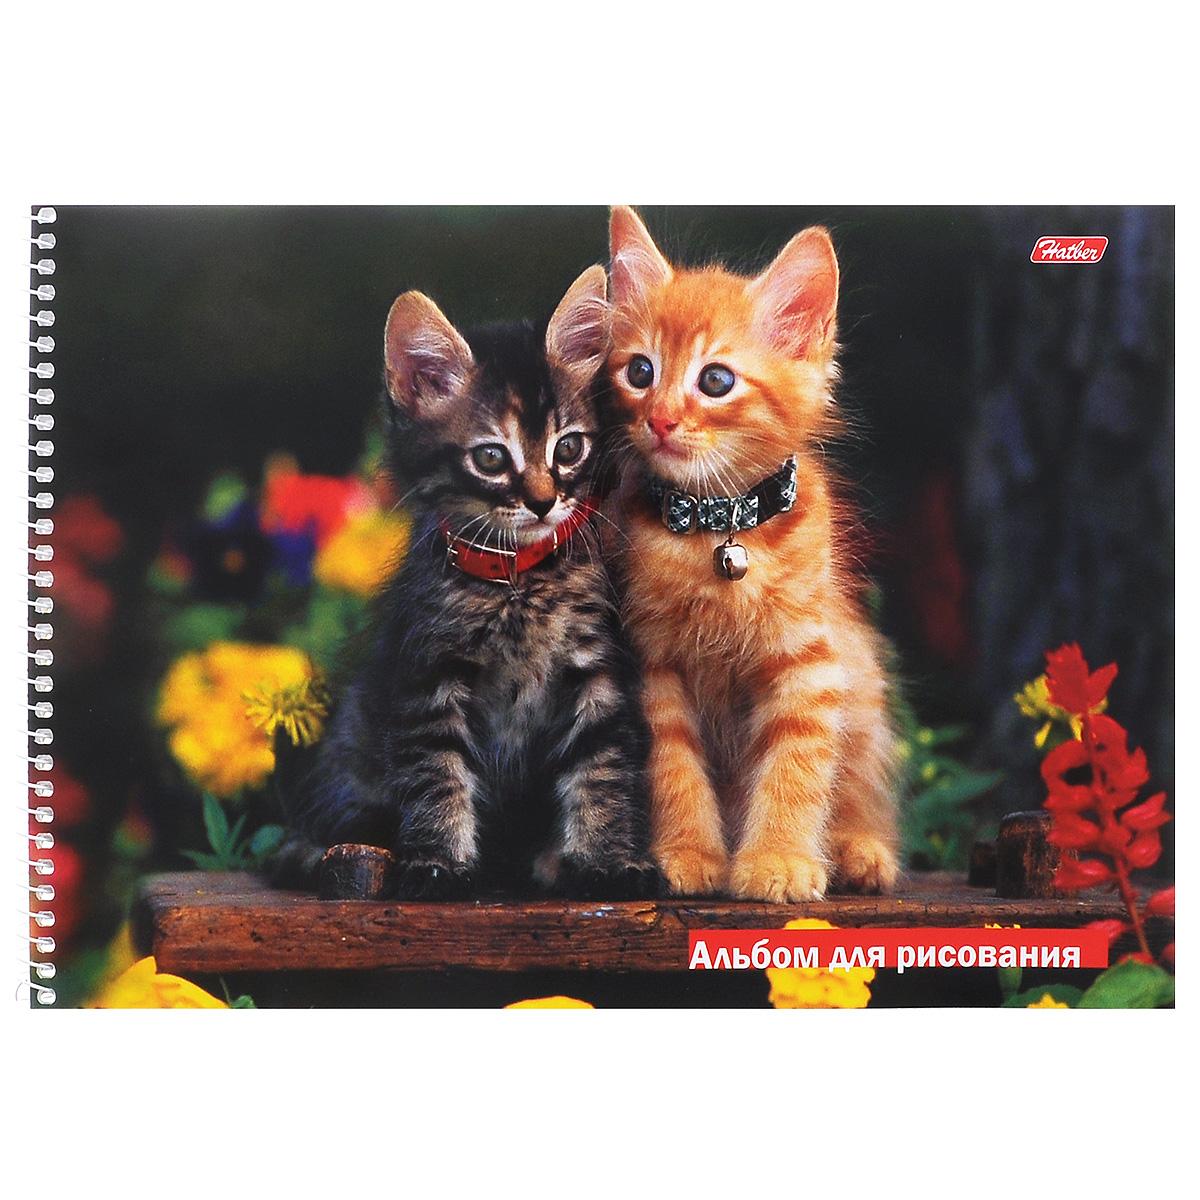 """Hatber Альбом для рисования """"Зверье мое: Котята"""", 32 листа. 32А4Bсп_08423"""